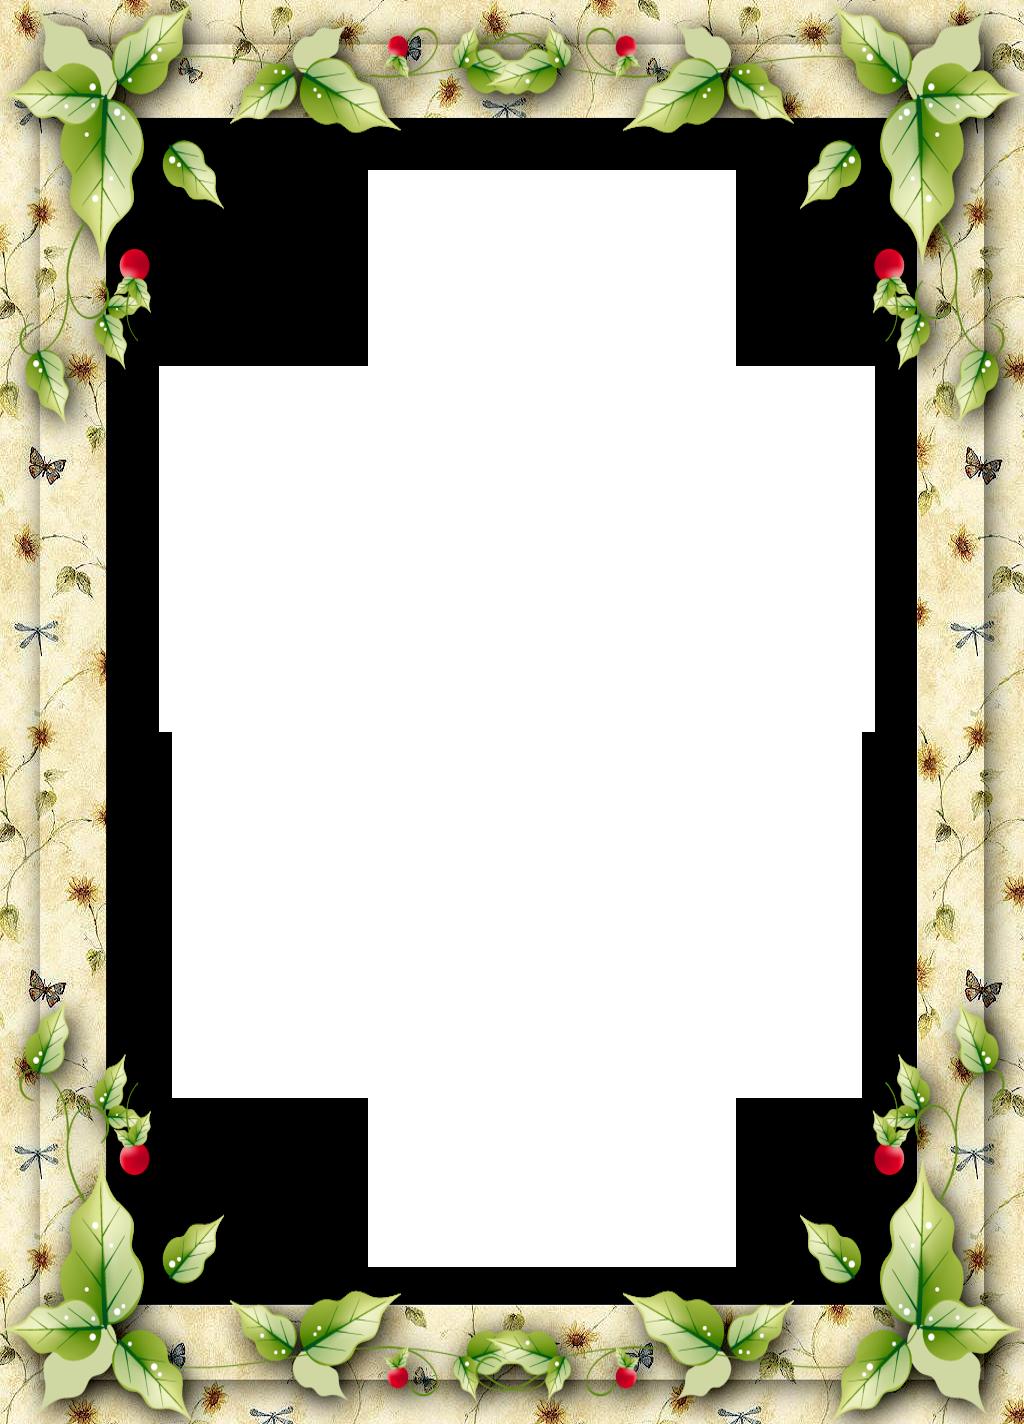 Leaf Frame Transparent Picture - 17611 - TransparentPNG